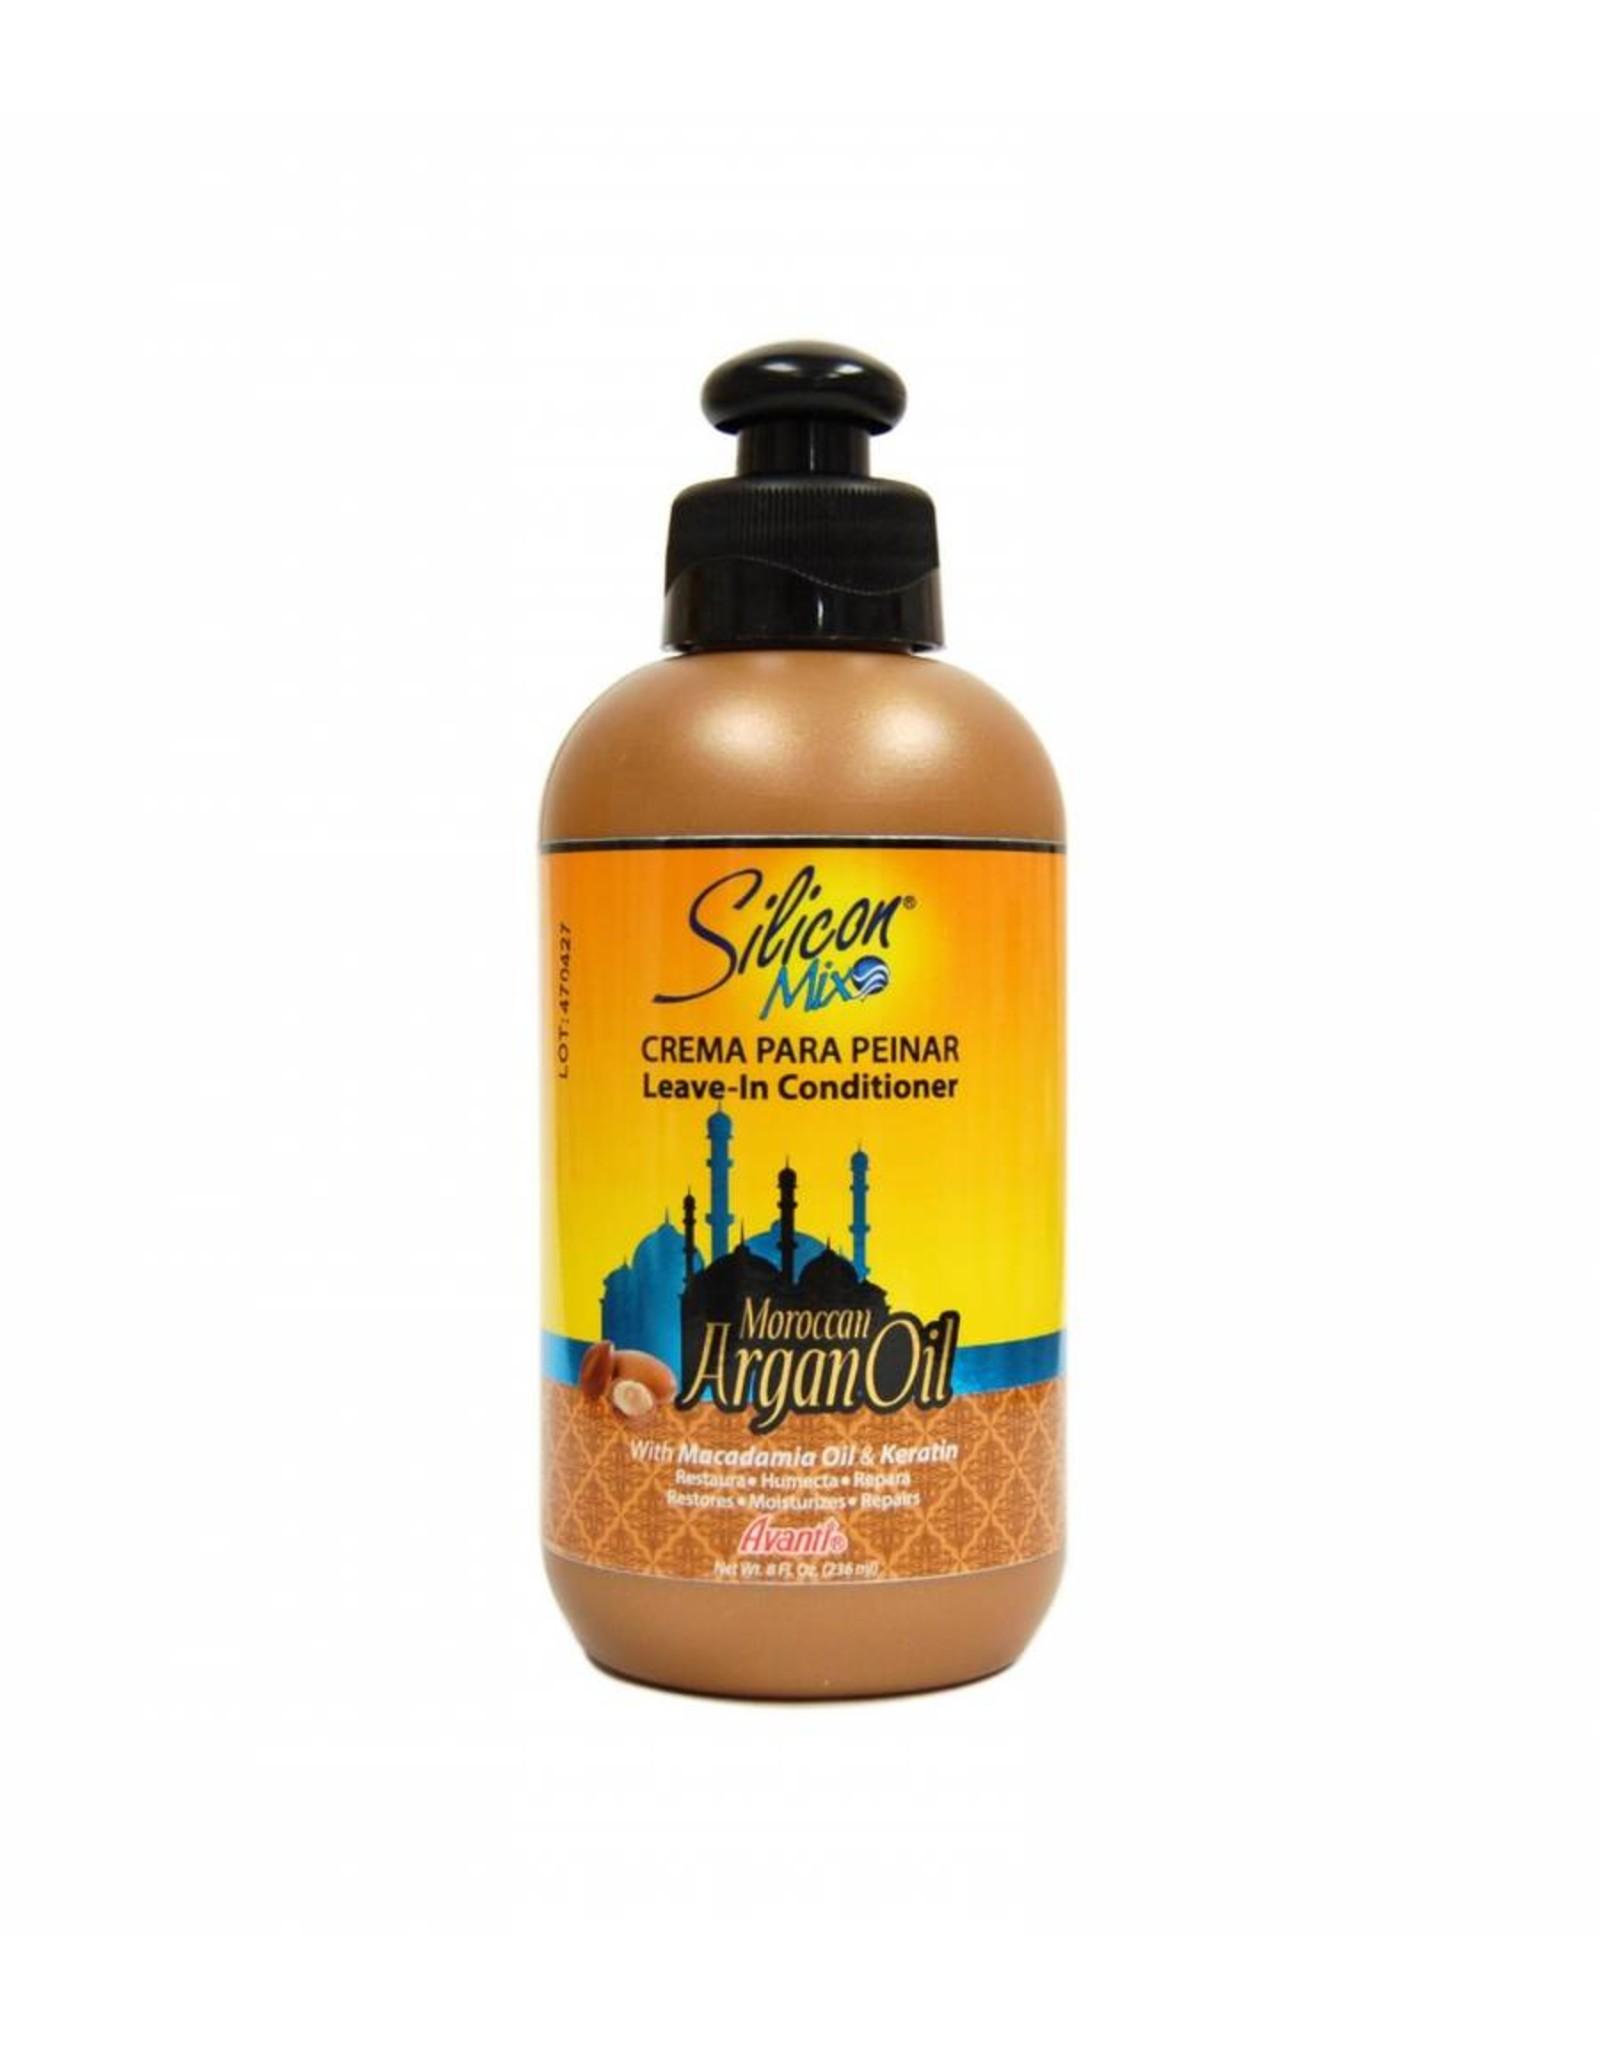 Silicon Mix Argan Oil Leave In Conditioner 8 oz